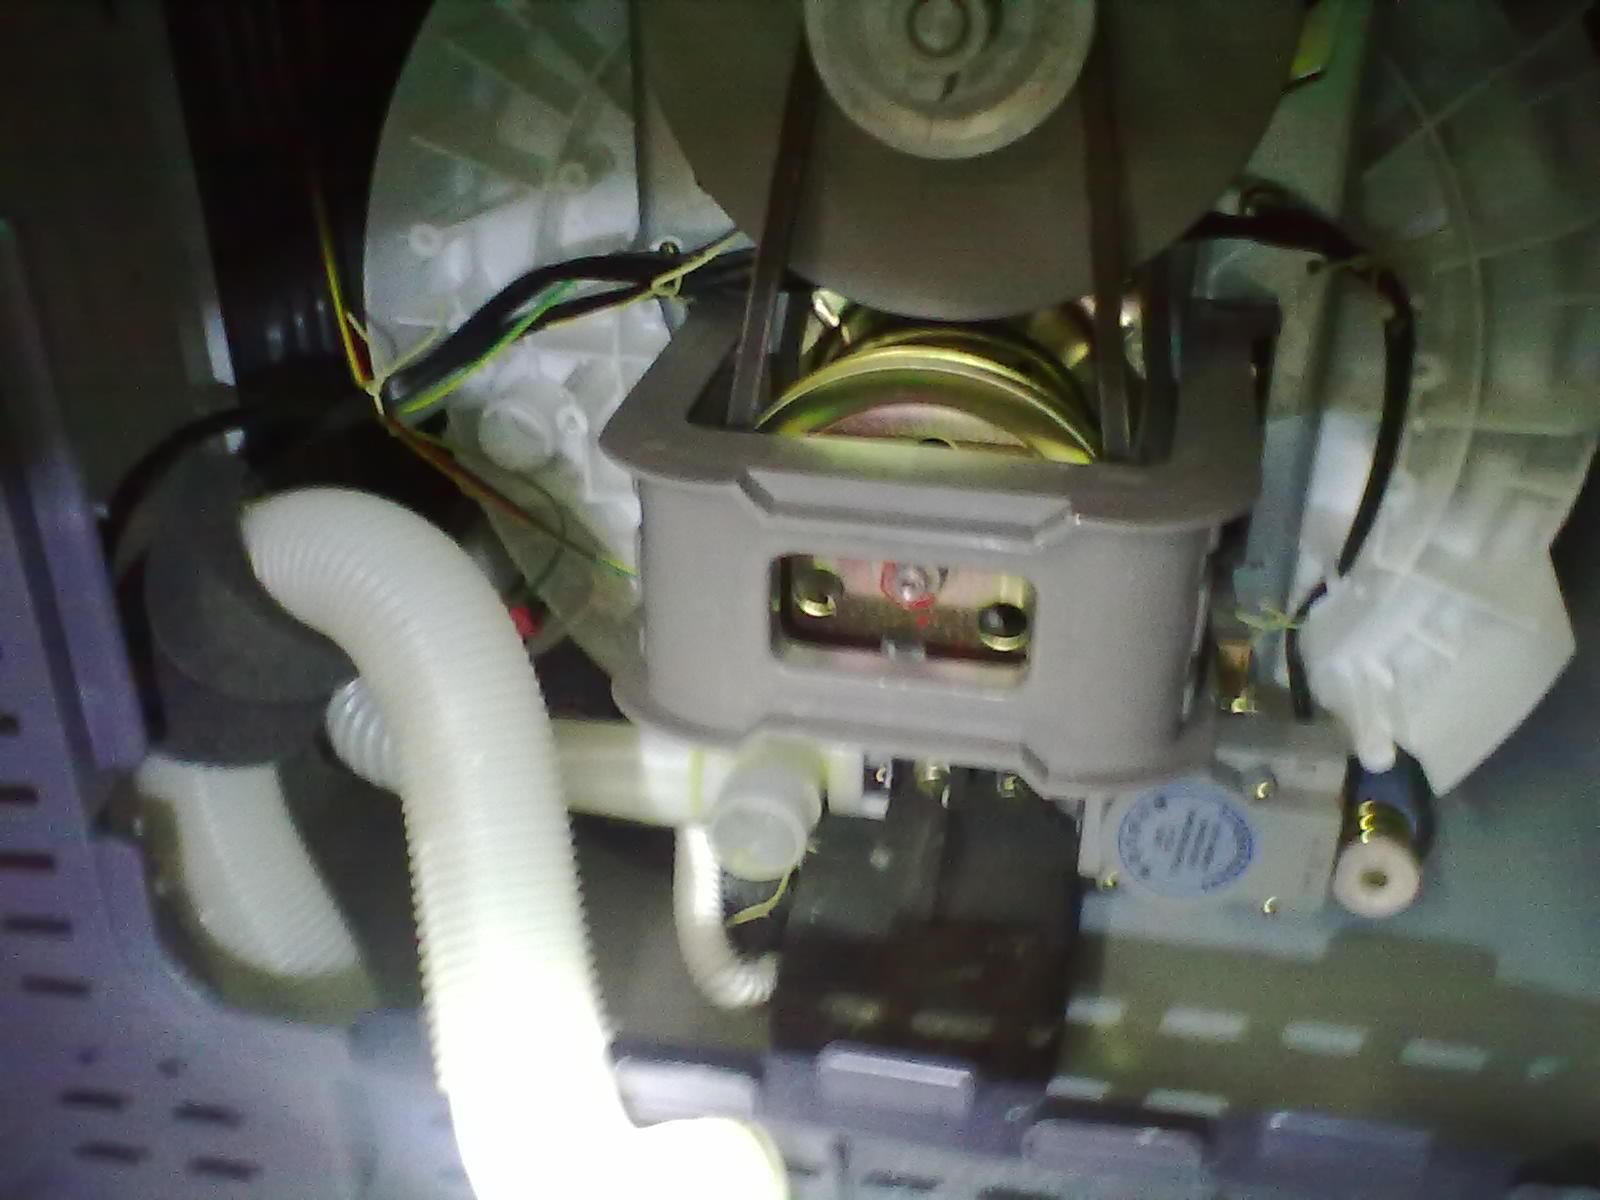 金羚洗衣机a16b洗衣机如何取出硬币?图片